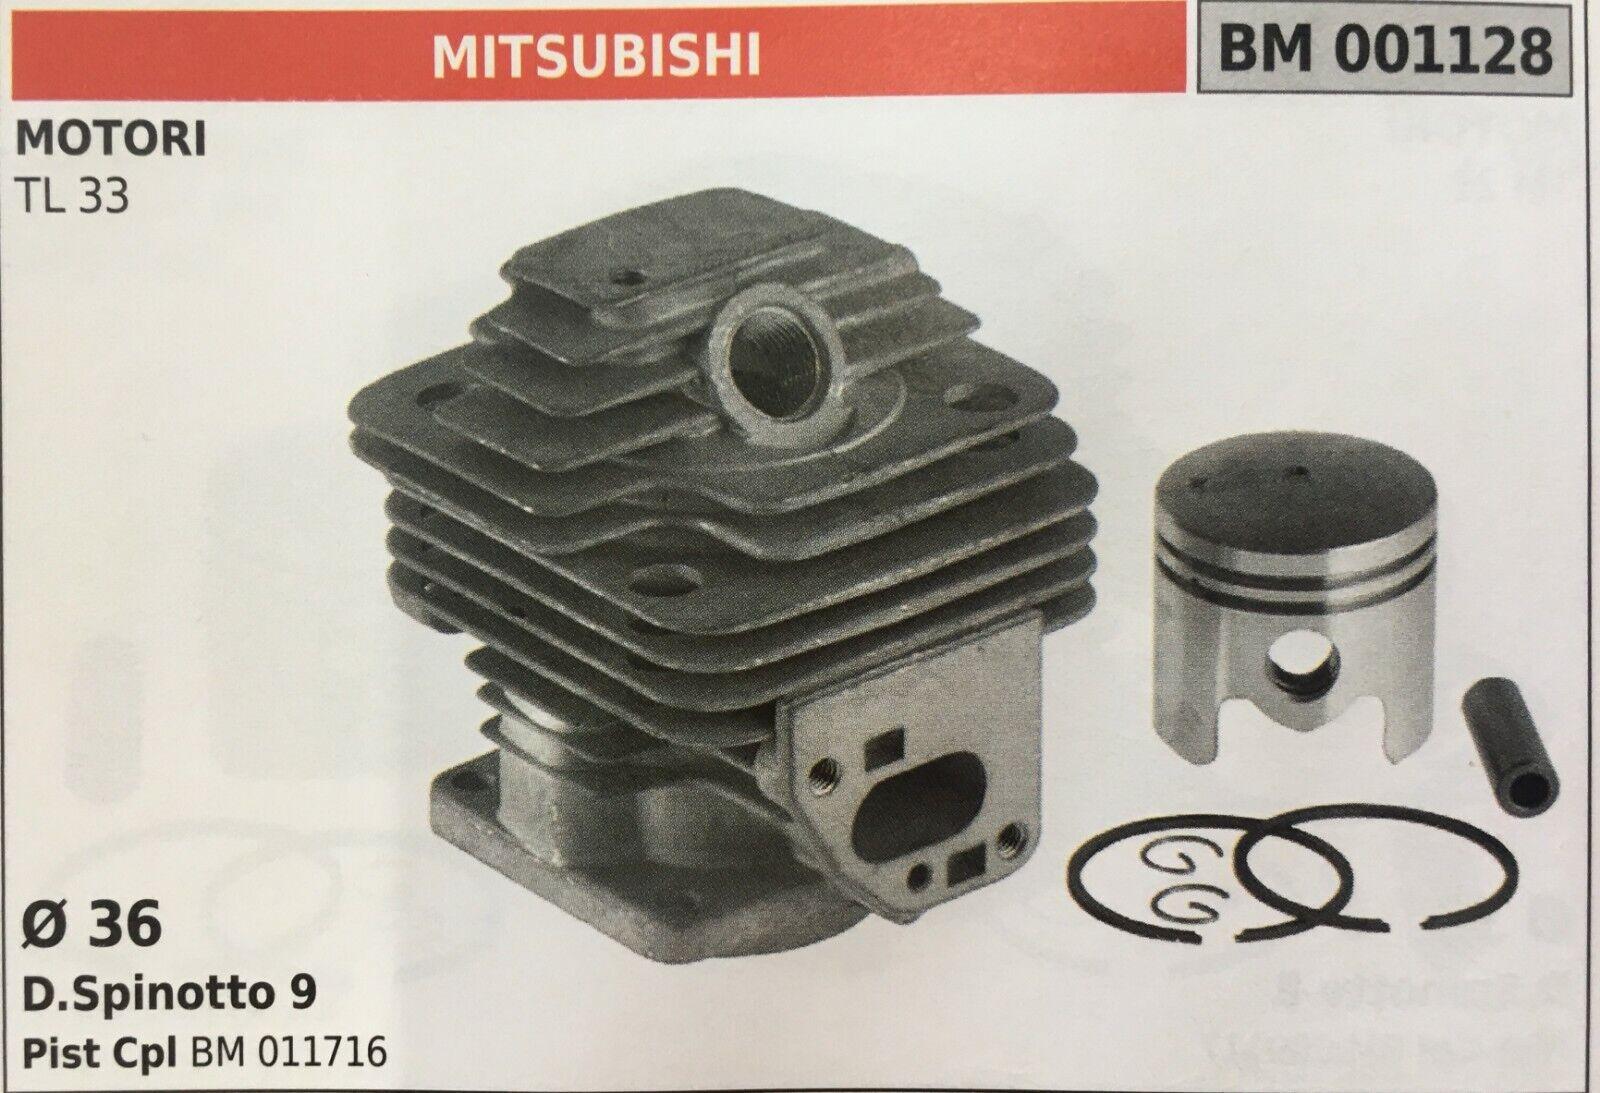 Zylinder Komplett mit Kolben und Segmente Brumar BM001128 Mitsubishi